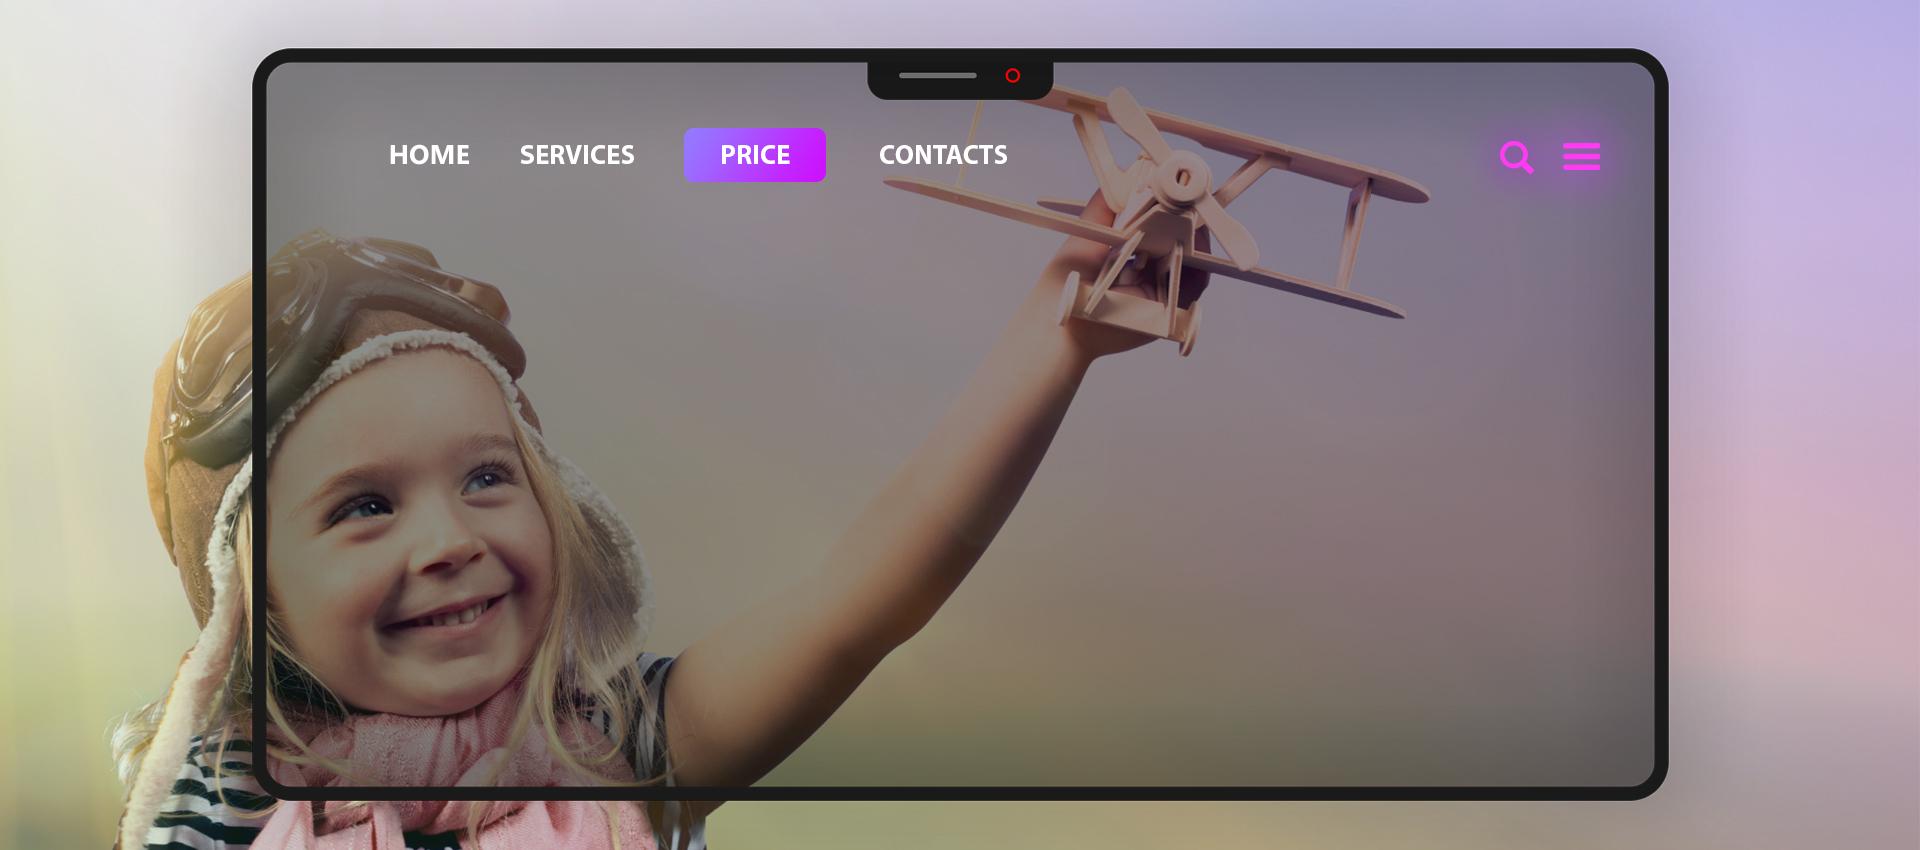 Разработка сайтов в Краснодаре, Заказать сайт Краснодар, Создание сайта краснодар, Изготовление сайтов в краснодаре, Цены на Landing page в Краснодаре, Цены на Landing в Краснодаре, Разработка Landing page в Краснодаре